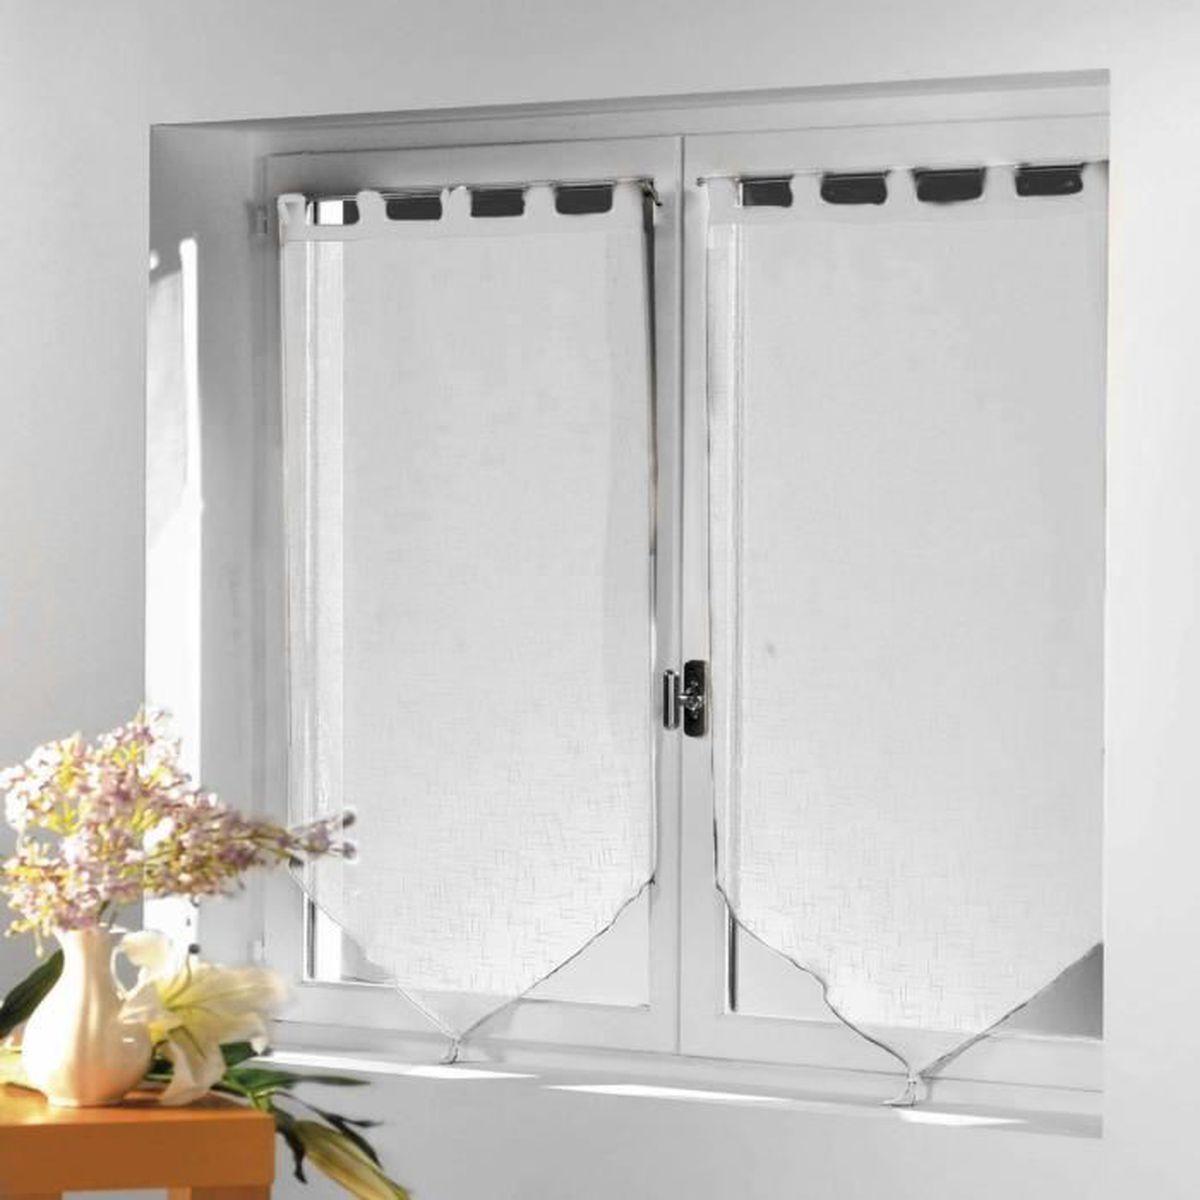 Paire rideau voilage Luminea 60cm x 160cm - Blanc - Pointe à Pompon ...